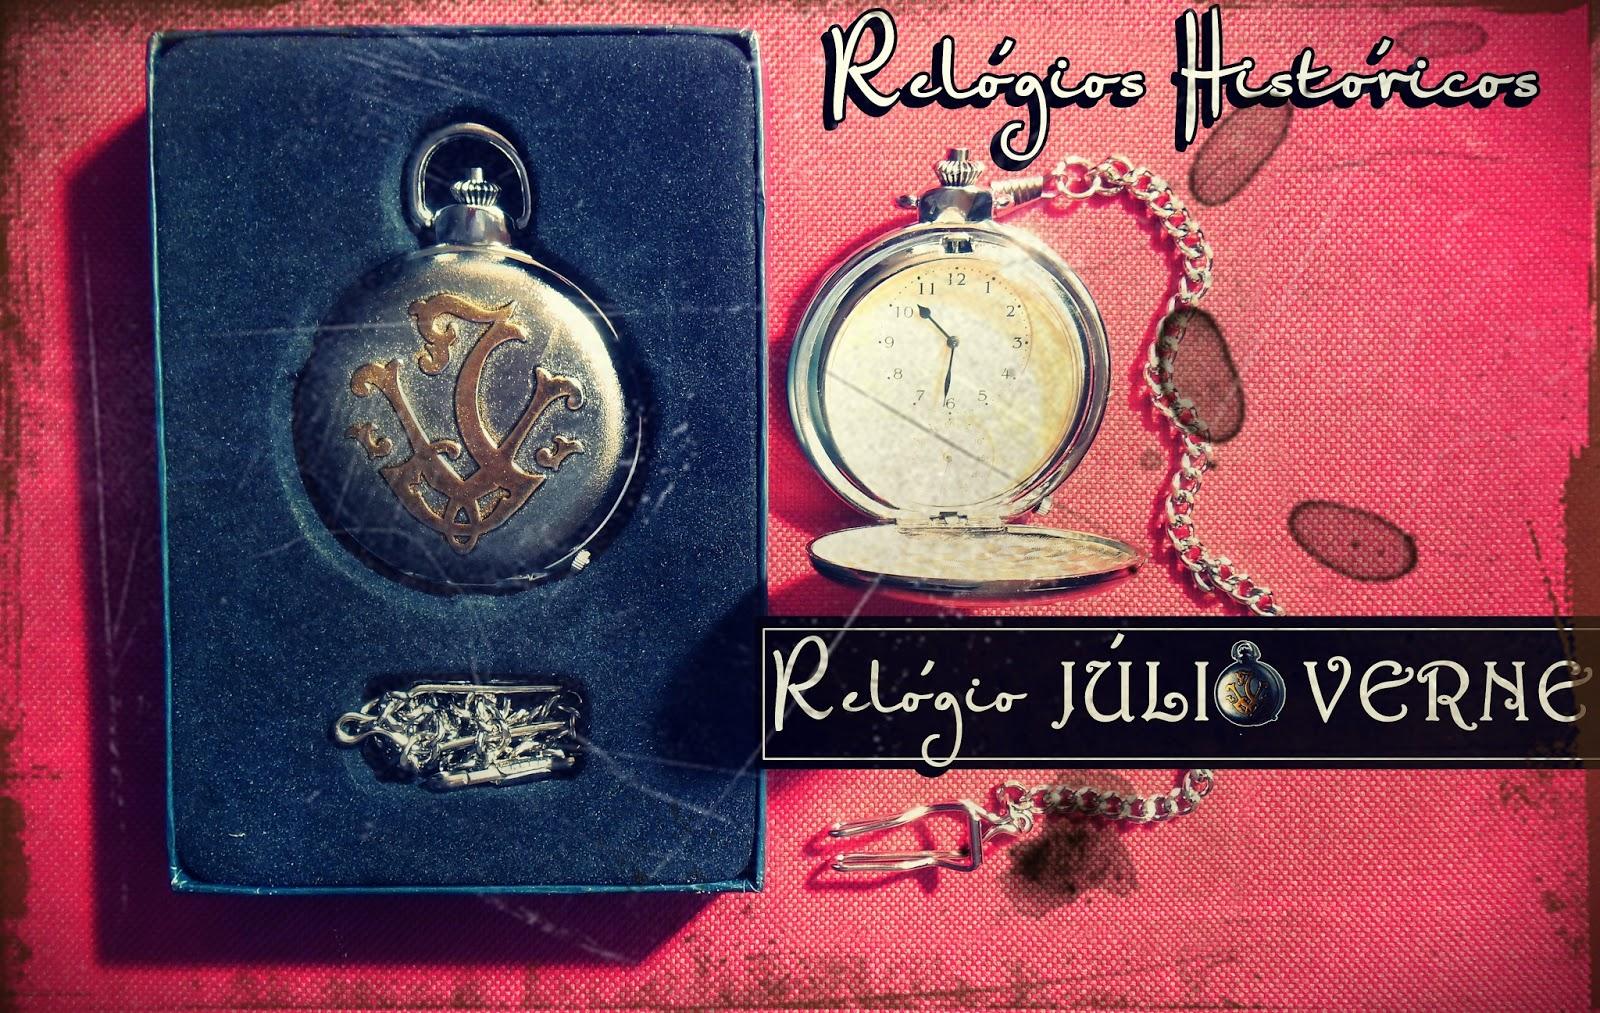 75247d0c597 Coleção Relógios Históricos  Júlio Verne. Um amigo comprou um relógio  histórico de coleção e resolveu me dar de presente pois achou a minha cara.